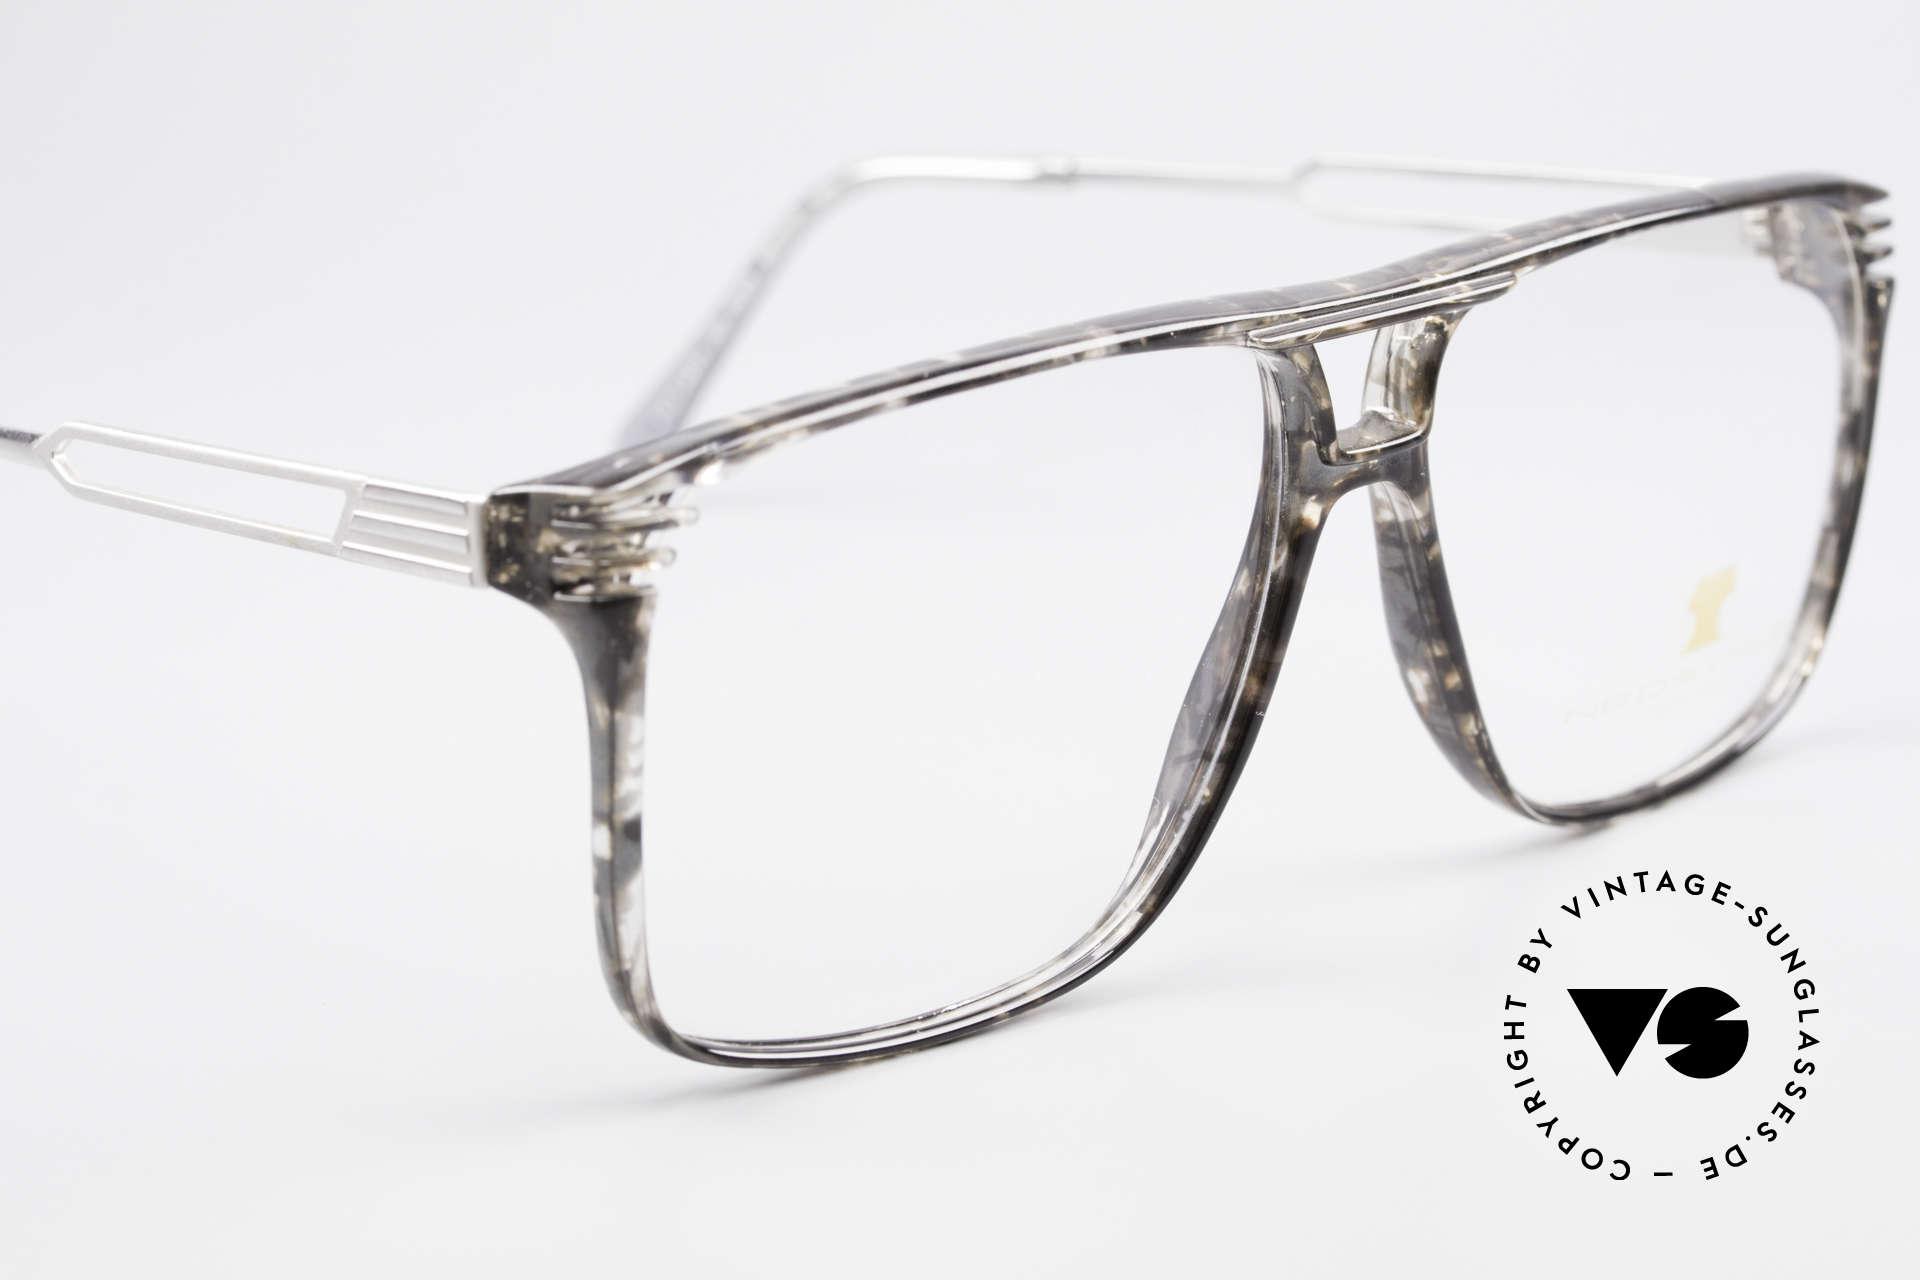 Neostyle Rotary Prestige 33 Titan Fassung 80er Brille, KEINE Retrobrille, sondern ein 30 Jahre altes Unikat, Passend für Herren